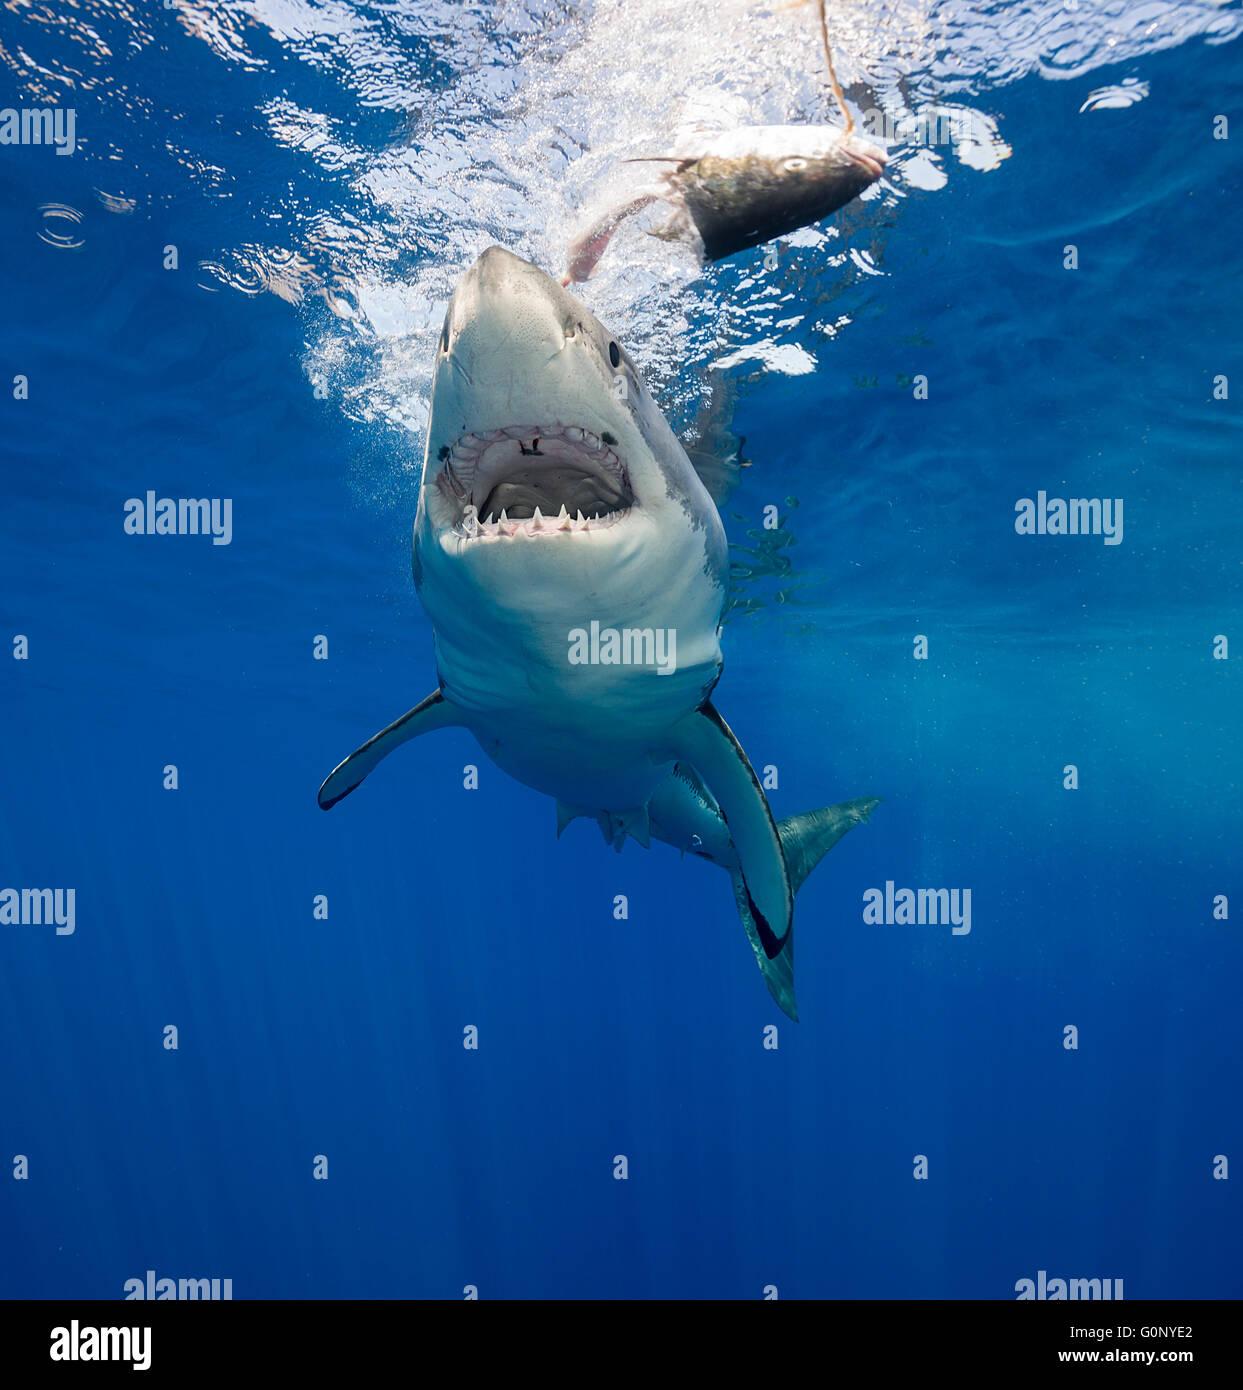 Il grande squalo bianco sott'acqua di Guadalupe Island, Messico Immagini Stock